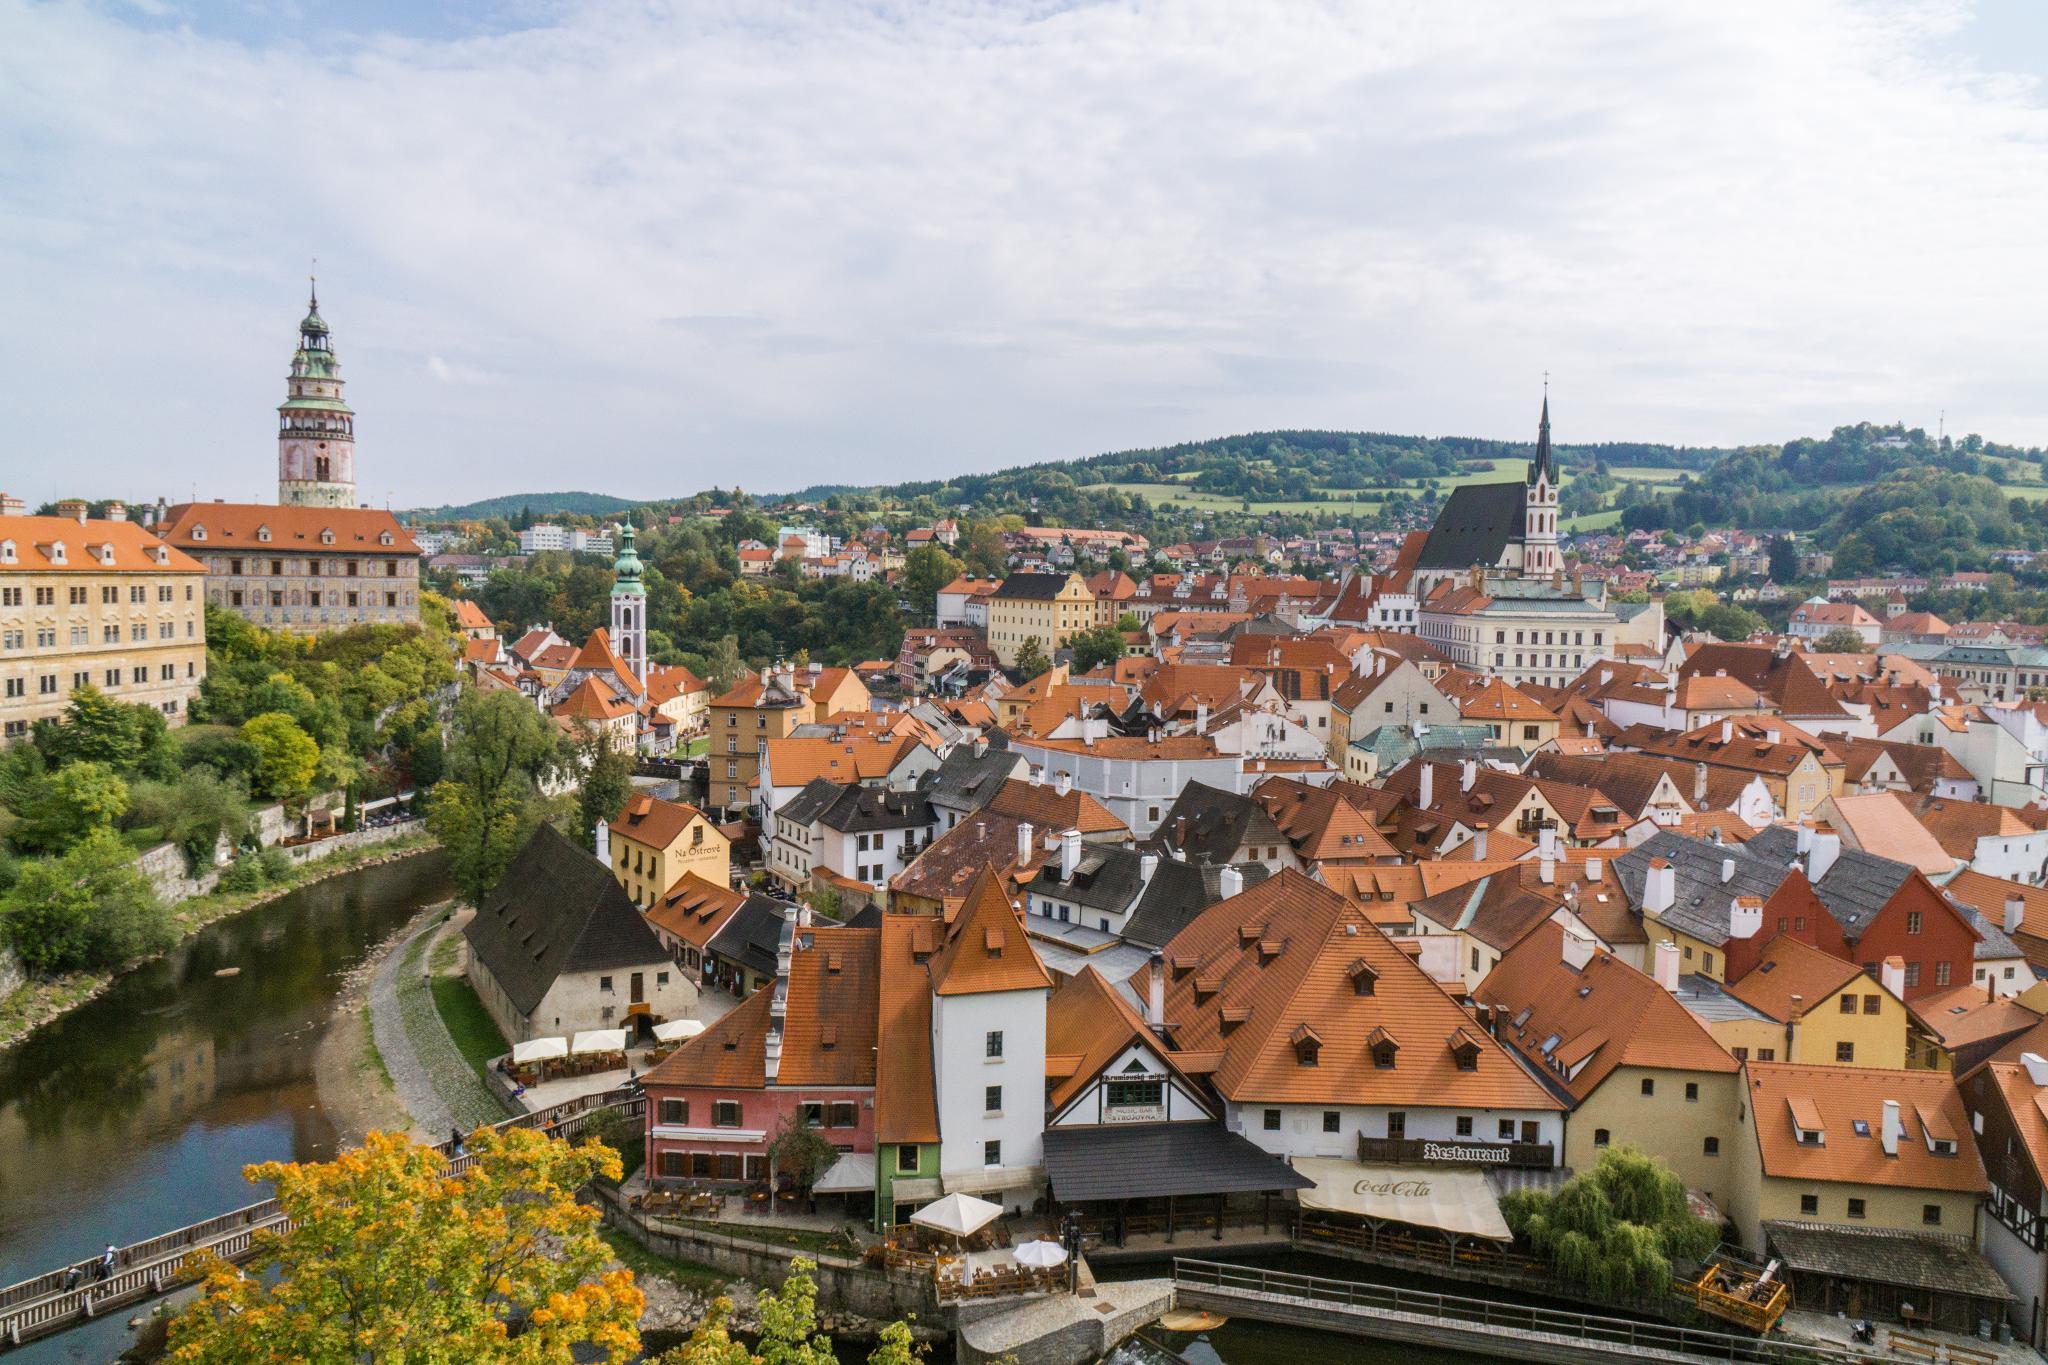 【捷克】穿越時空的波希米亞狂想曲 — Český Krumlov Castle 庫倫諾夫城堡 27